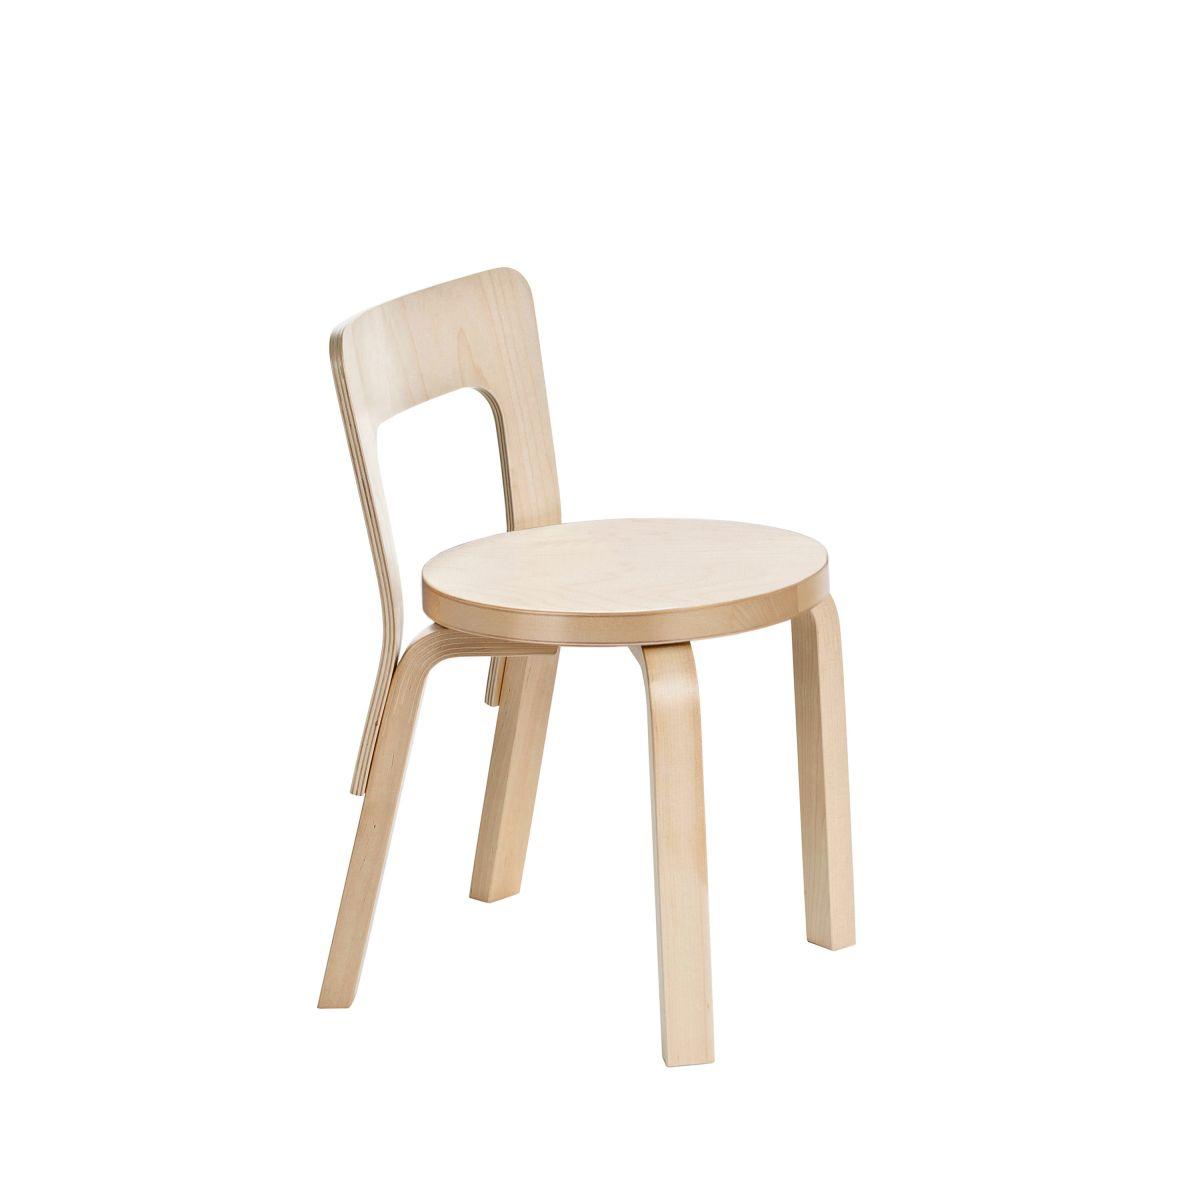 Childrens Chair N65 Legs Birch Seat Birch 2463532